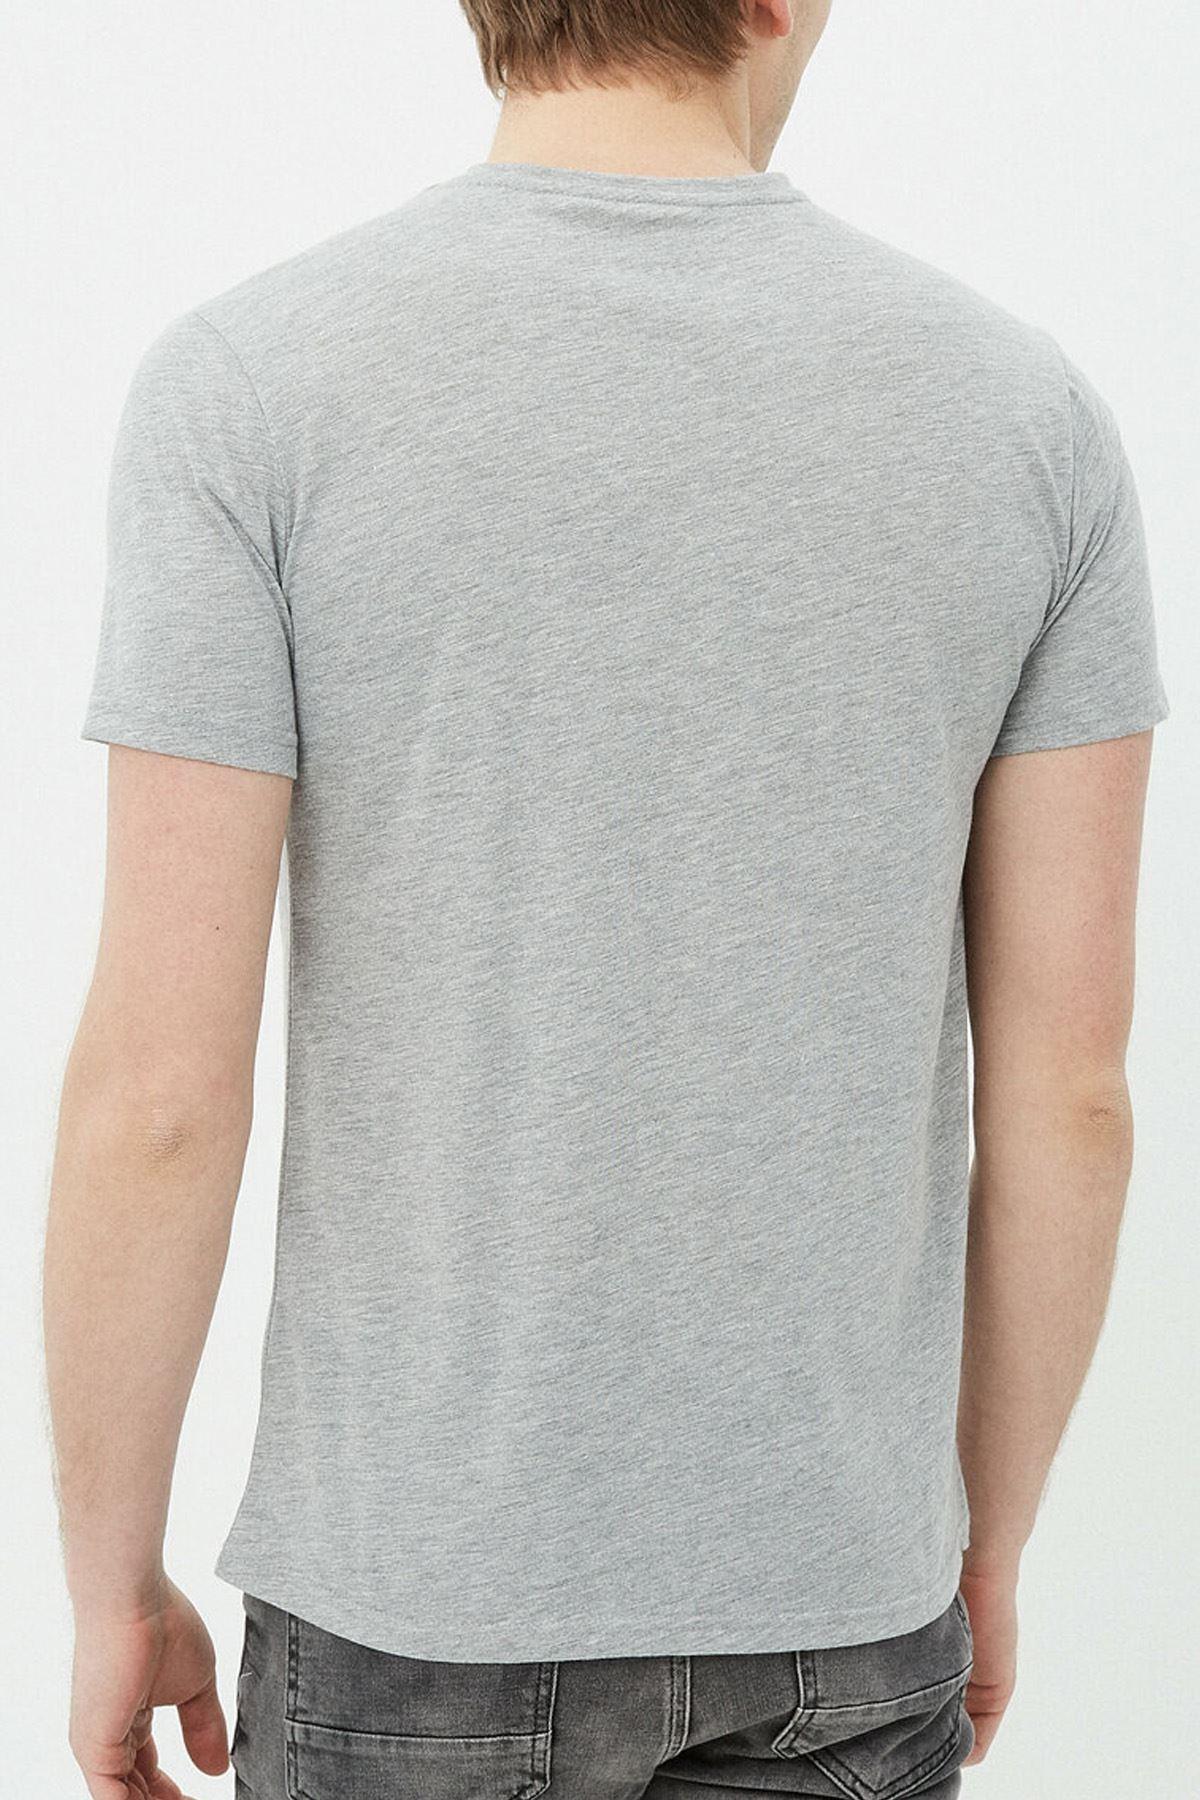 Anime 01 Gri Erkek Tshirt - Tişört